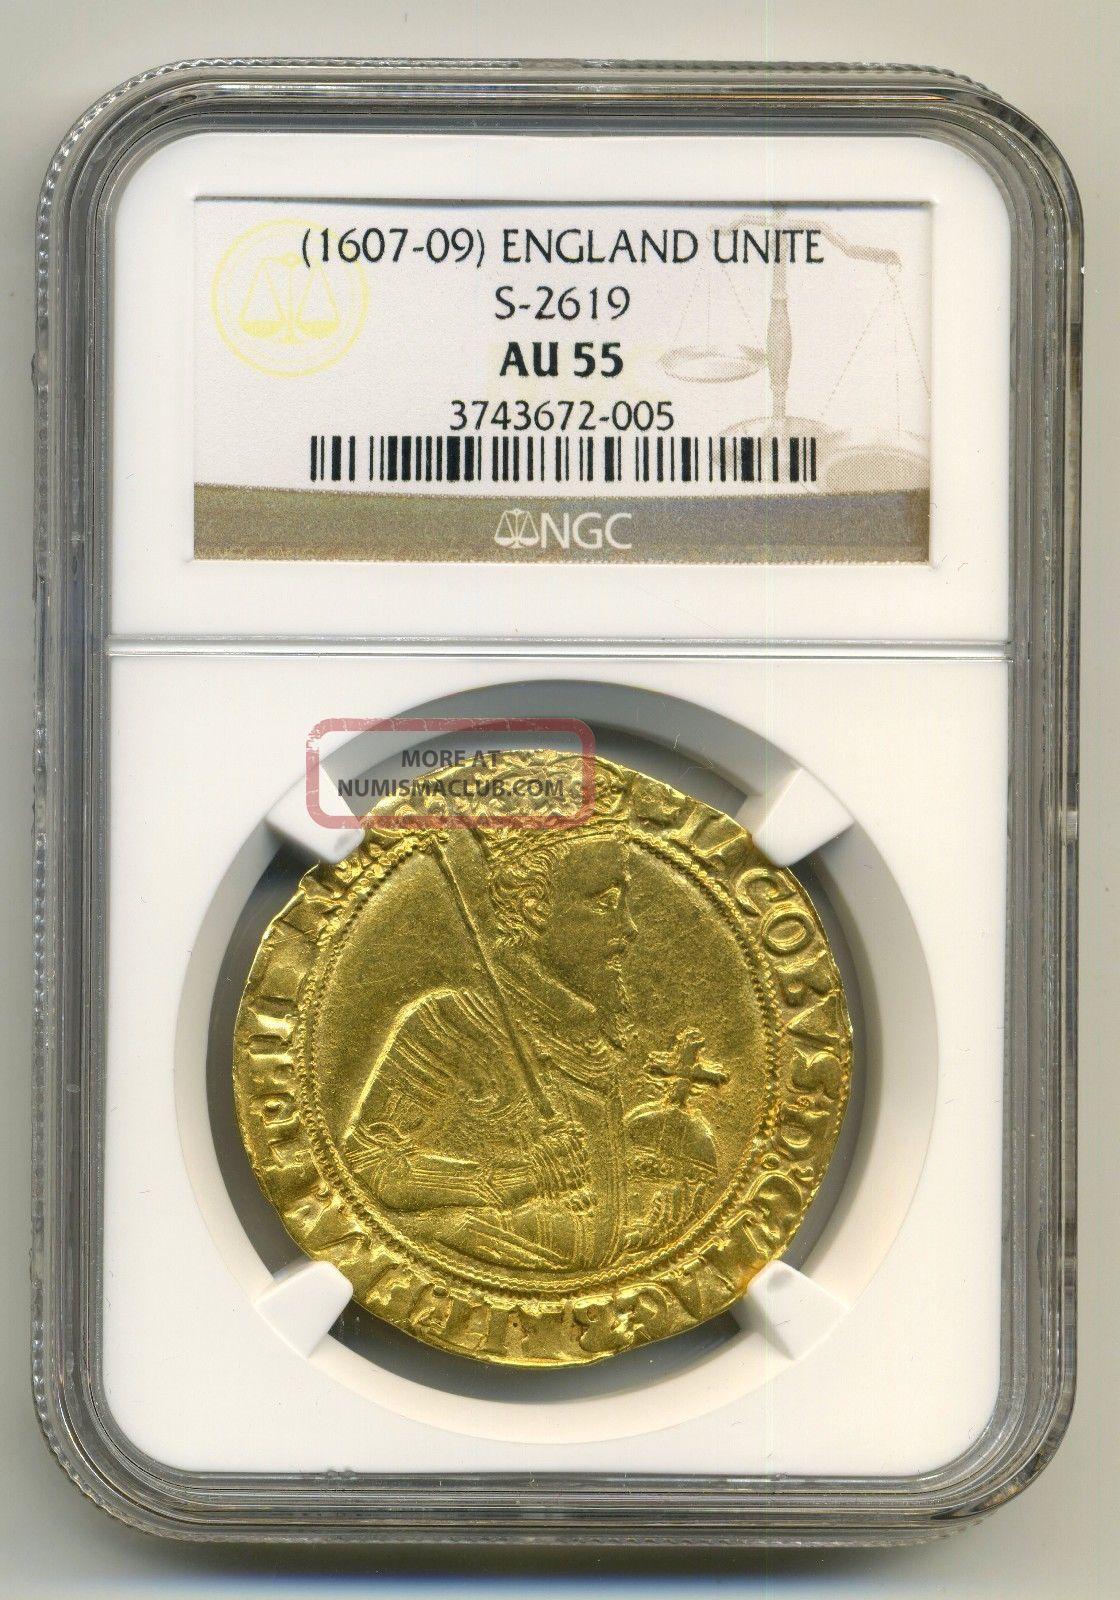 England 1607 1609 Unite Ngc Au55 James I Very Rare Coin